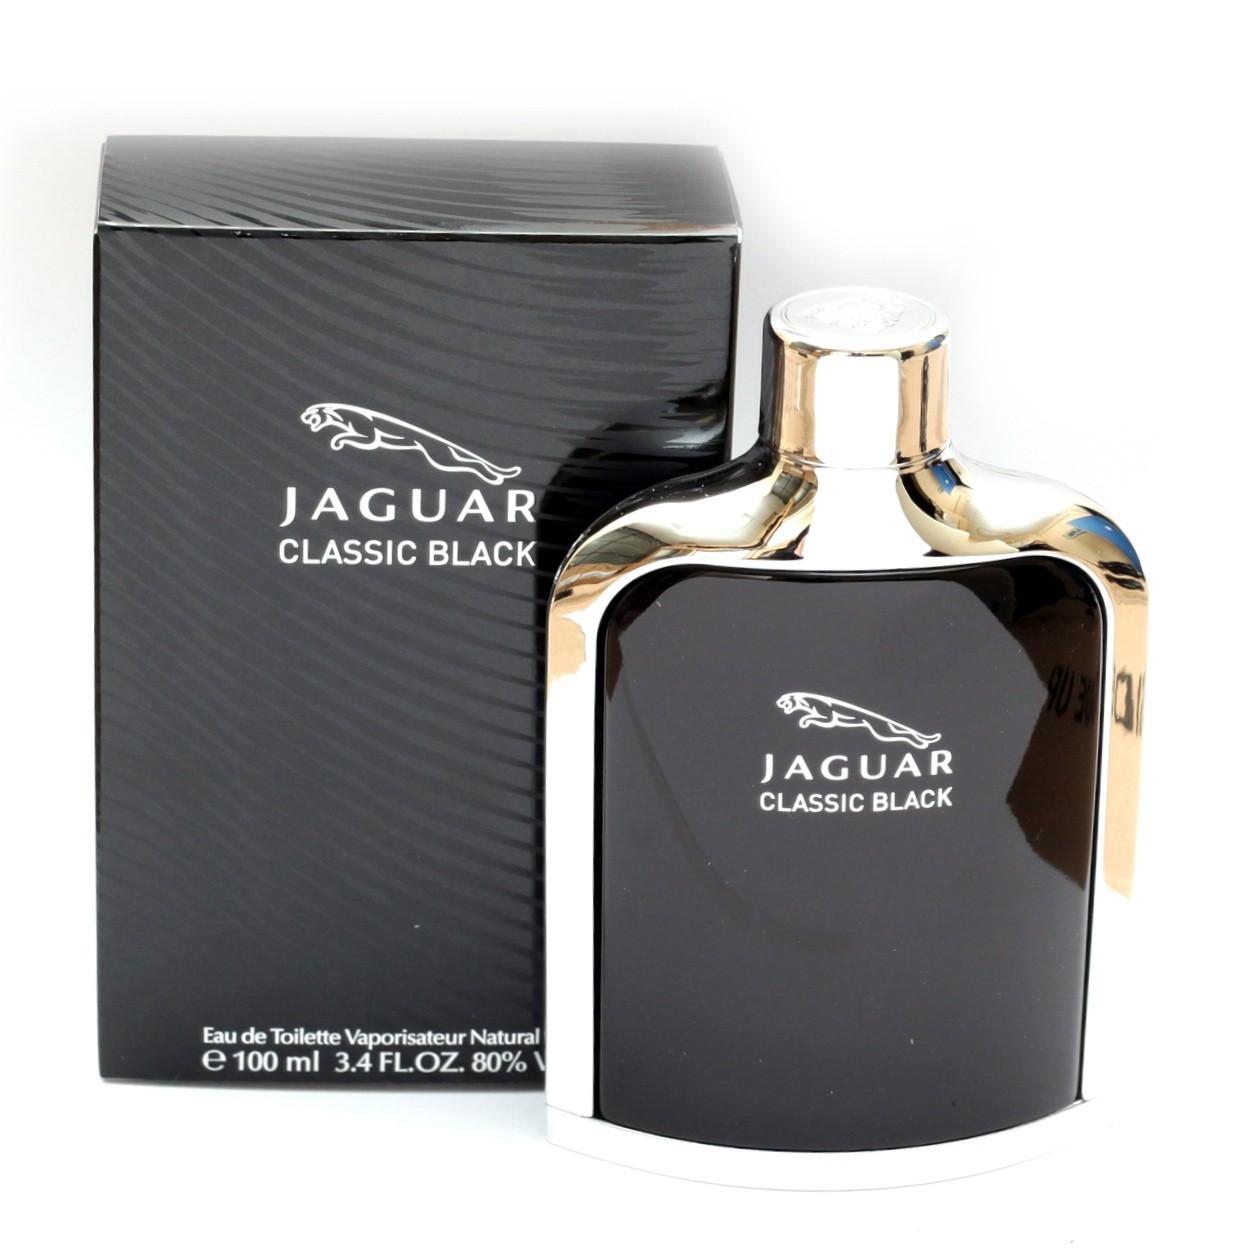 JAGUAR Classic Black Eau de Toilette spray 100 ml 3,4 fl.oz